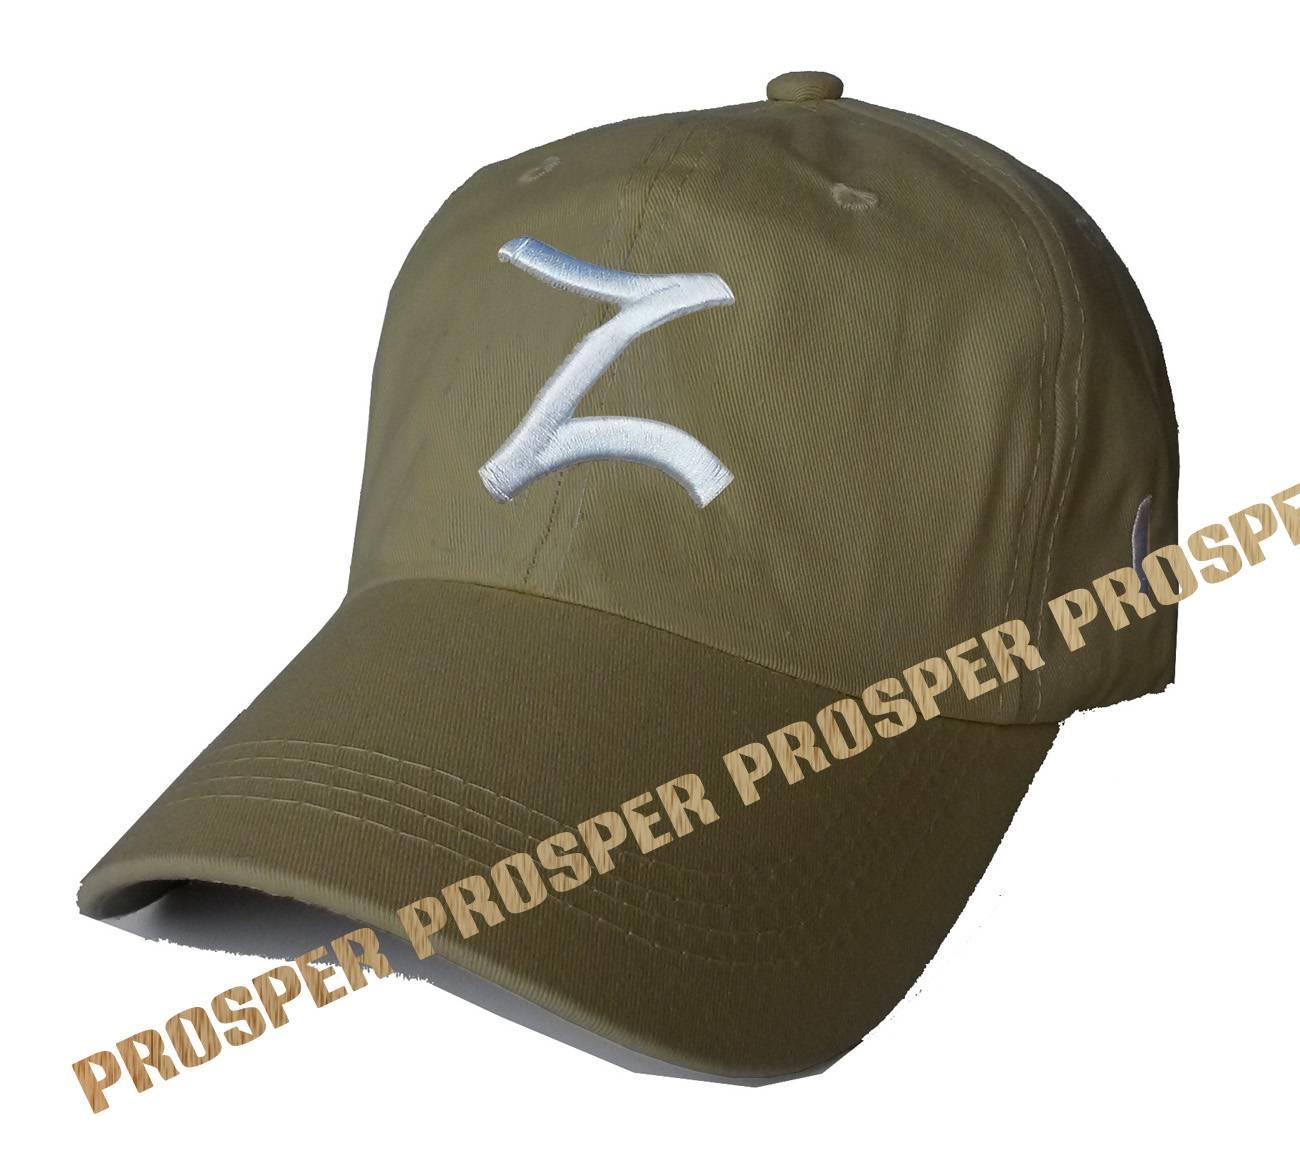 Baseball Cap,Adult Cap,Cotton Cap,Hat